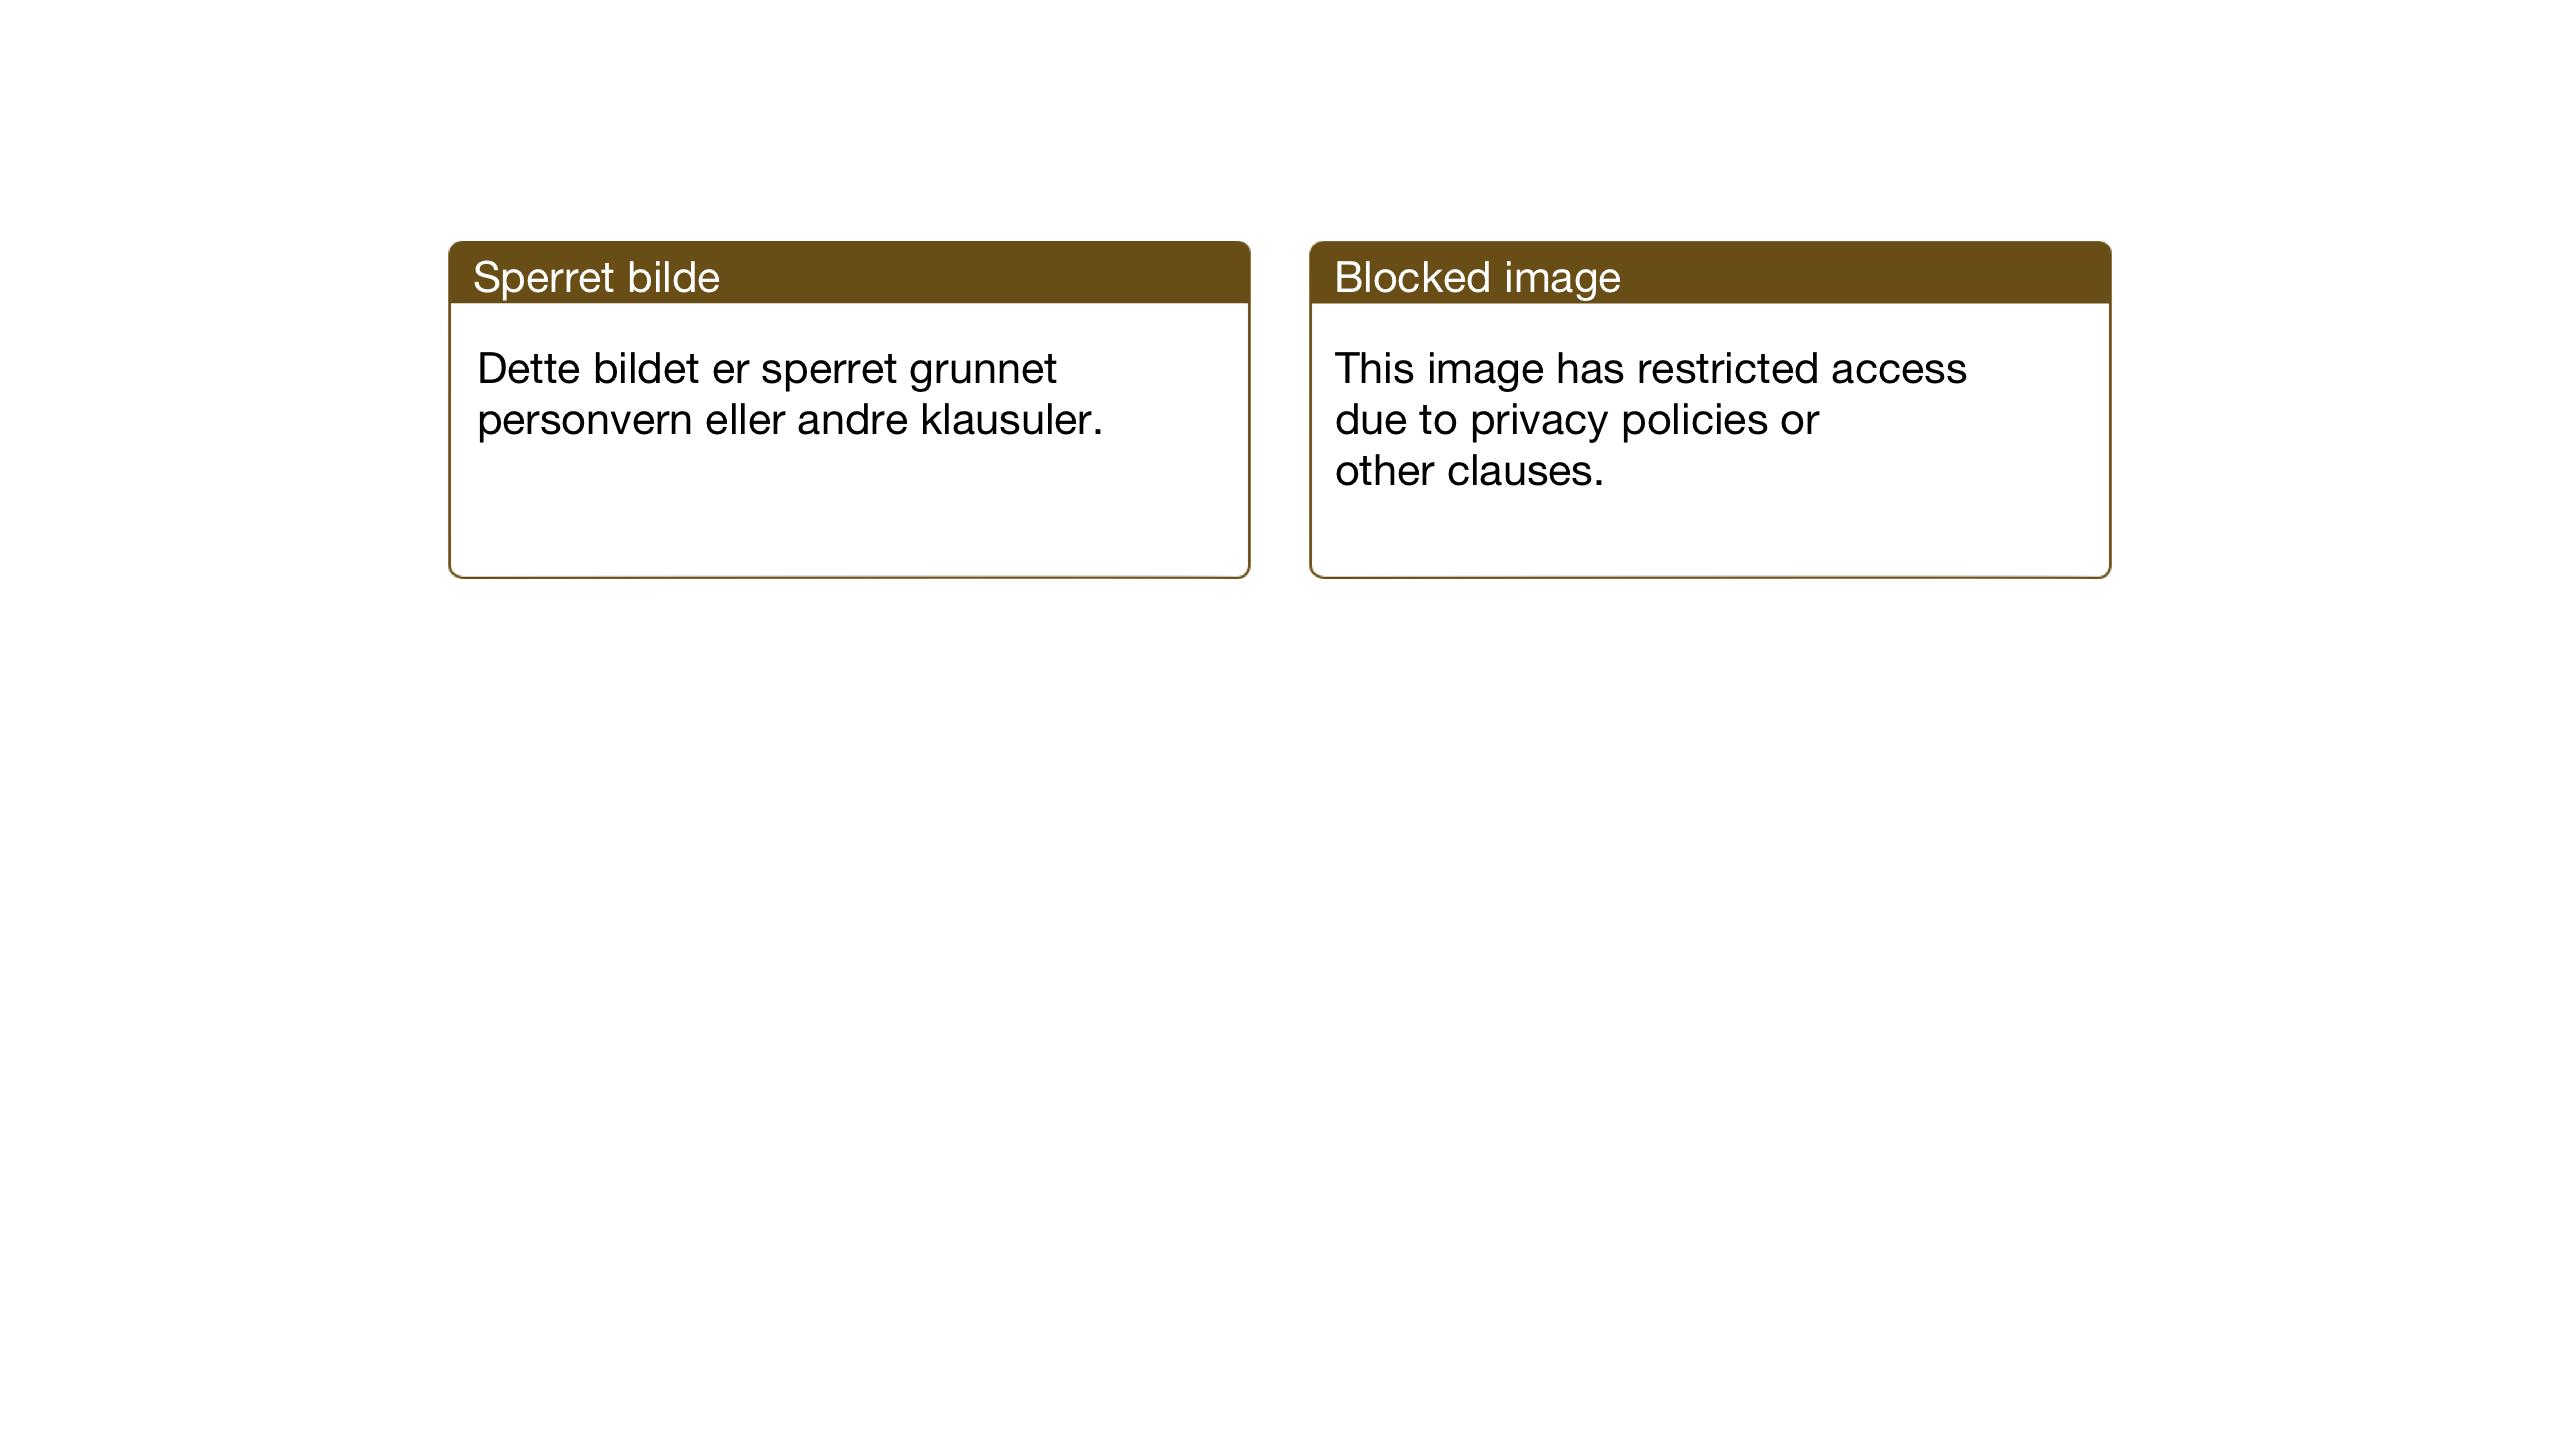 SAT, Ministerialprotokoller, klokkerbøker og fødselsregistre - Sør-Trøndelag, 637/L0564: Klokkerbok nr. 637C05, 1928-1968, s. 40